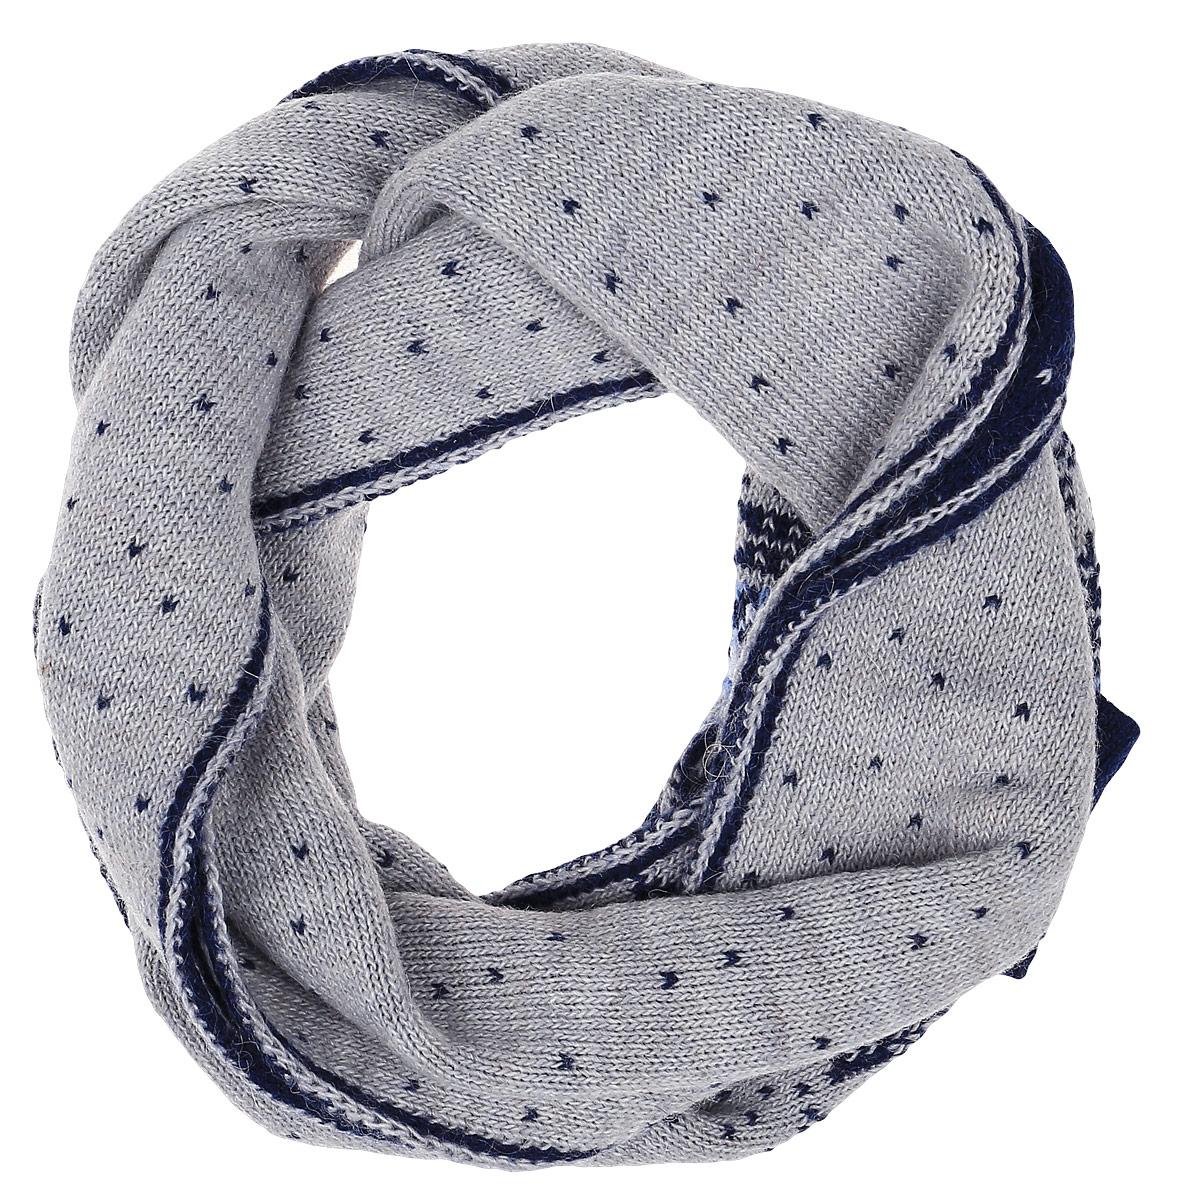 ШарфW16-12124_914Теплый женский шарф Finn Flare станет достойным завершением вашего образа. Шарф изготовлен из сочетания высококачественных материалов. Модель оформлена контрастным принтом с узорами.